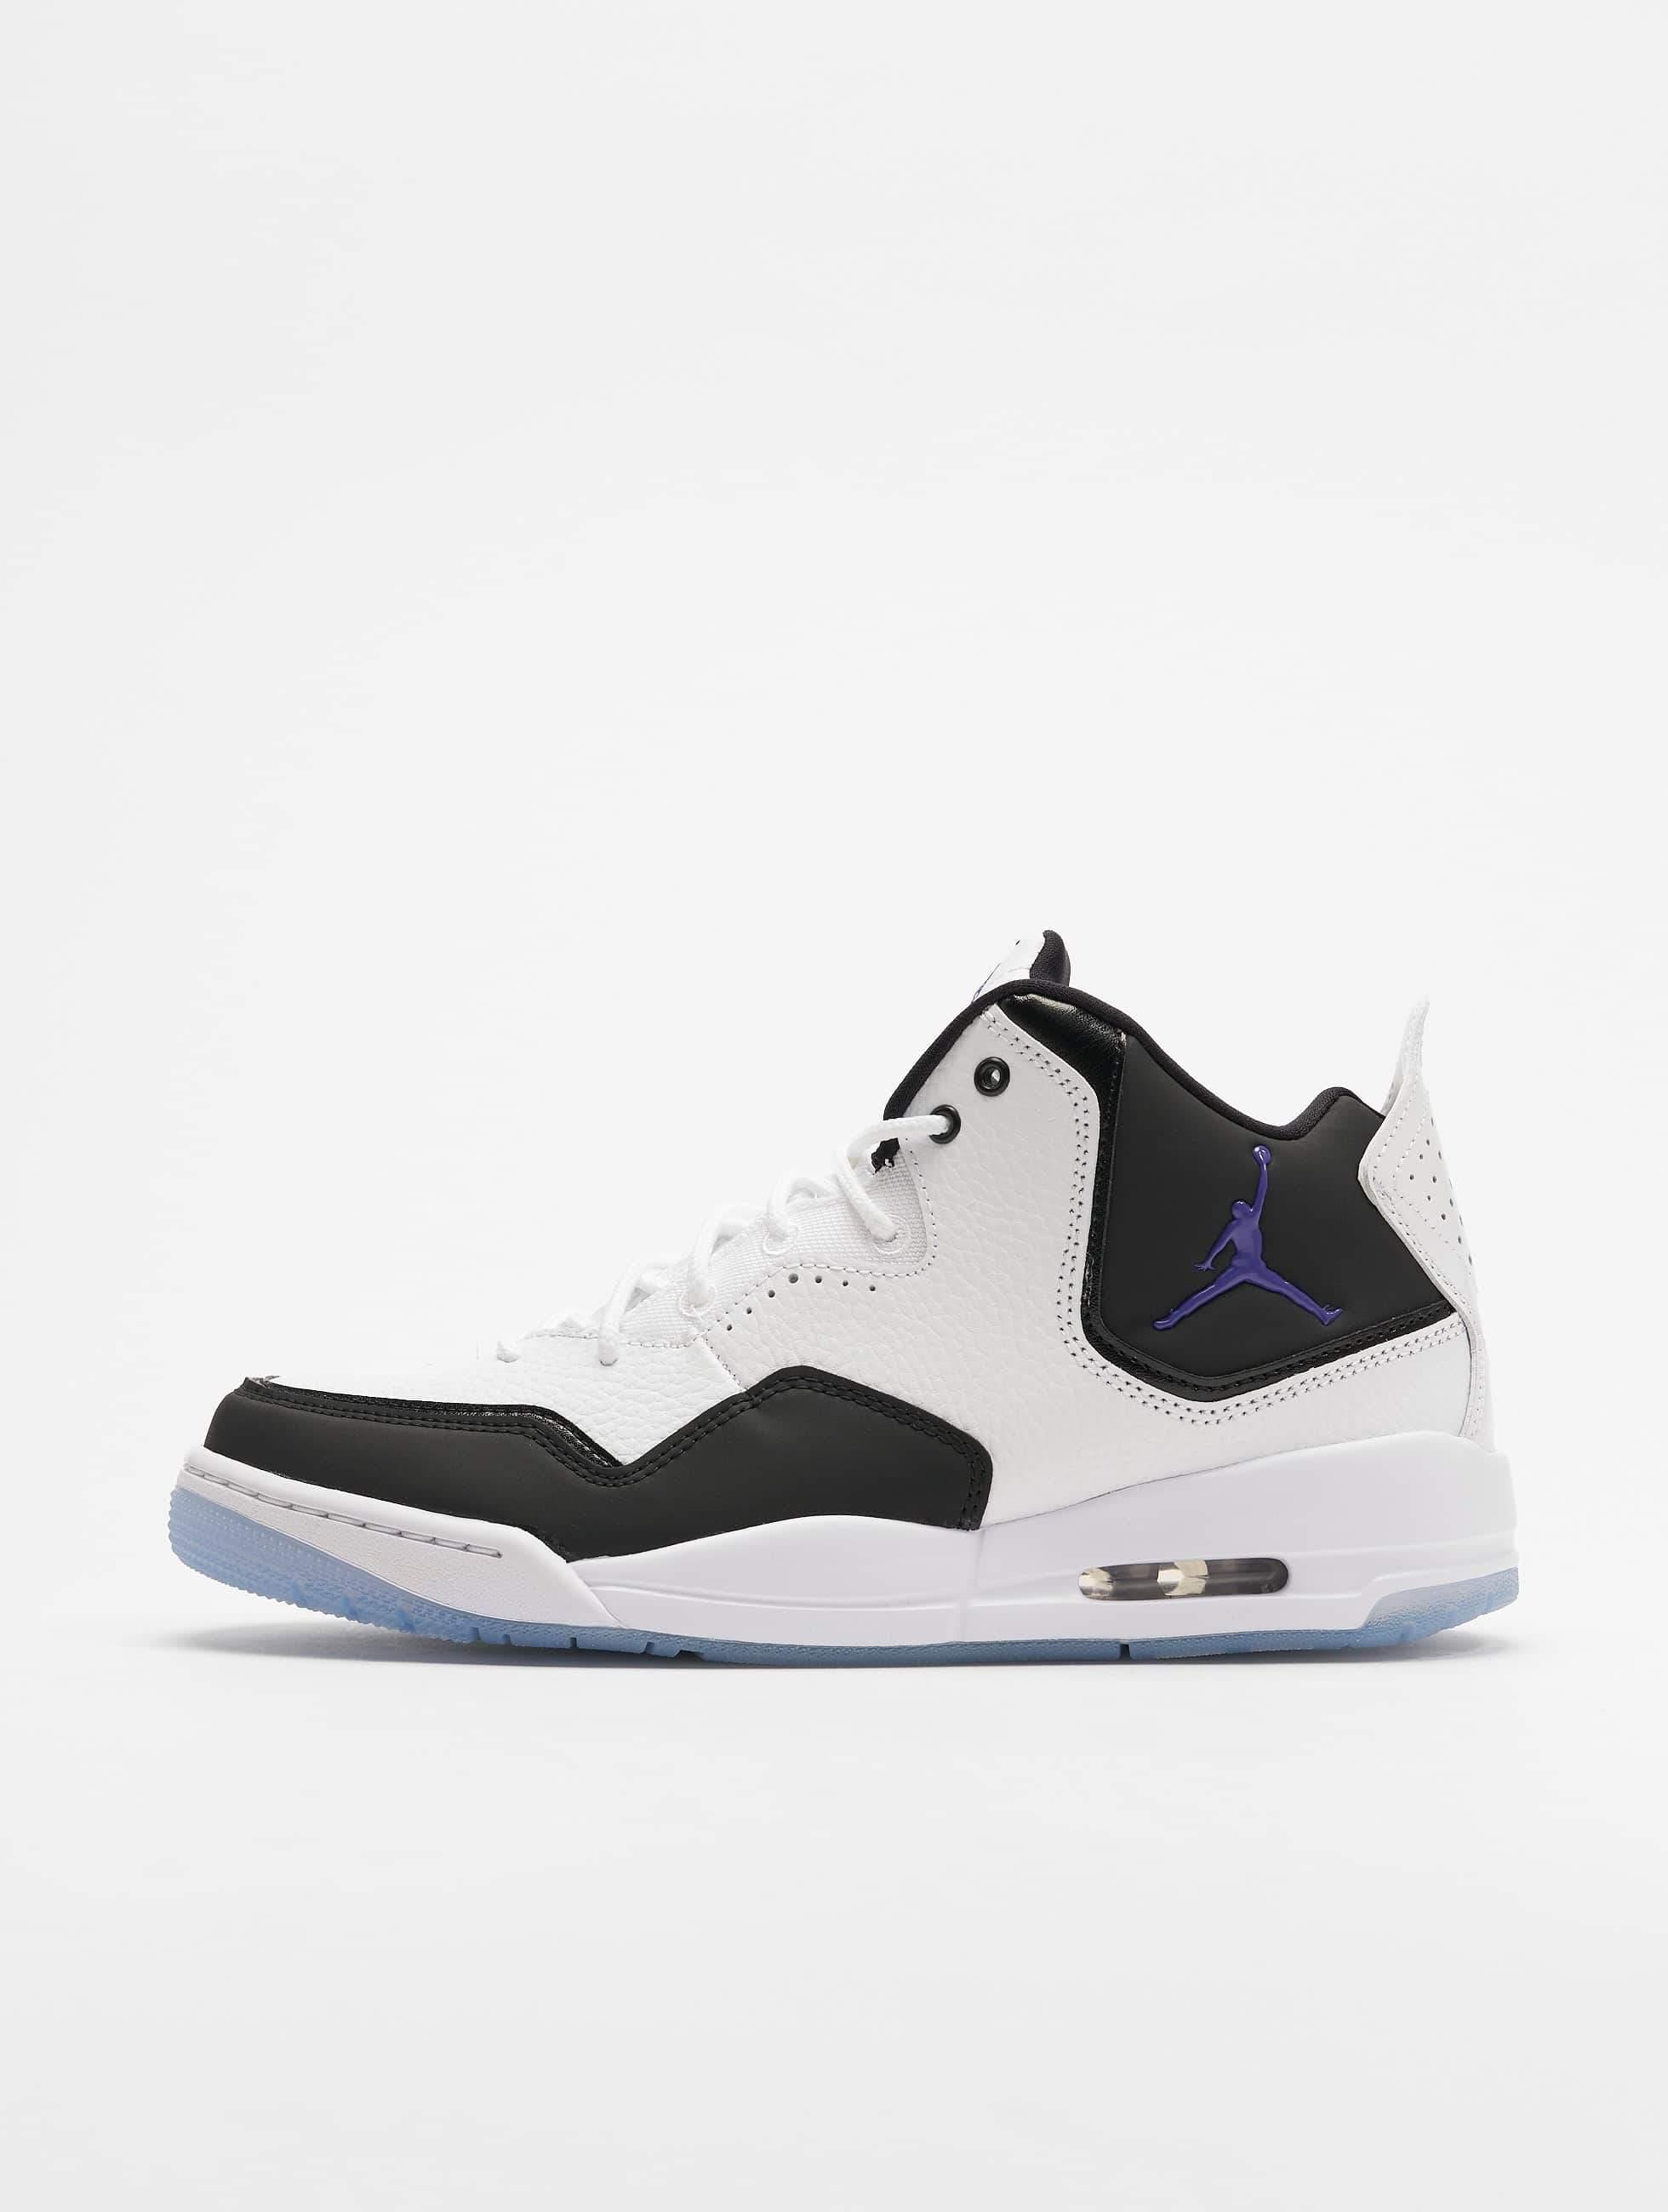 Jordan De Big Fund Fitness Chaussures Ho 1culTFJ3K